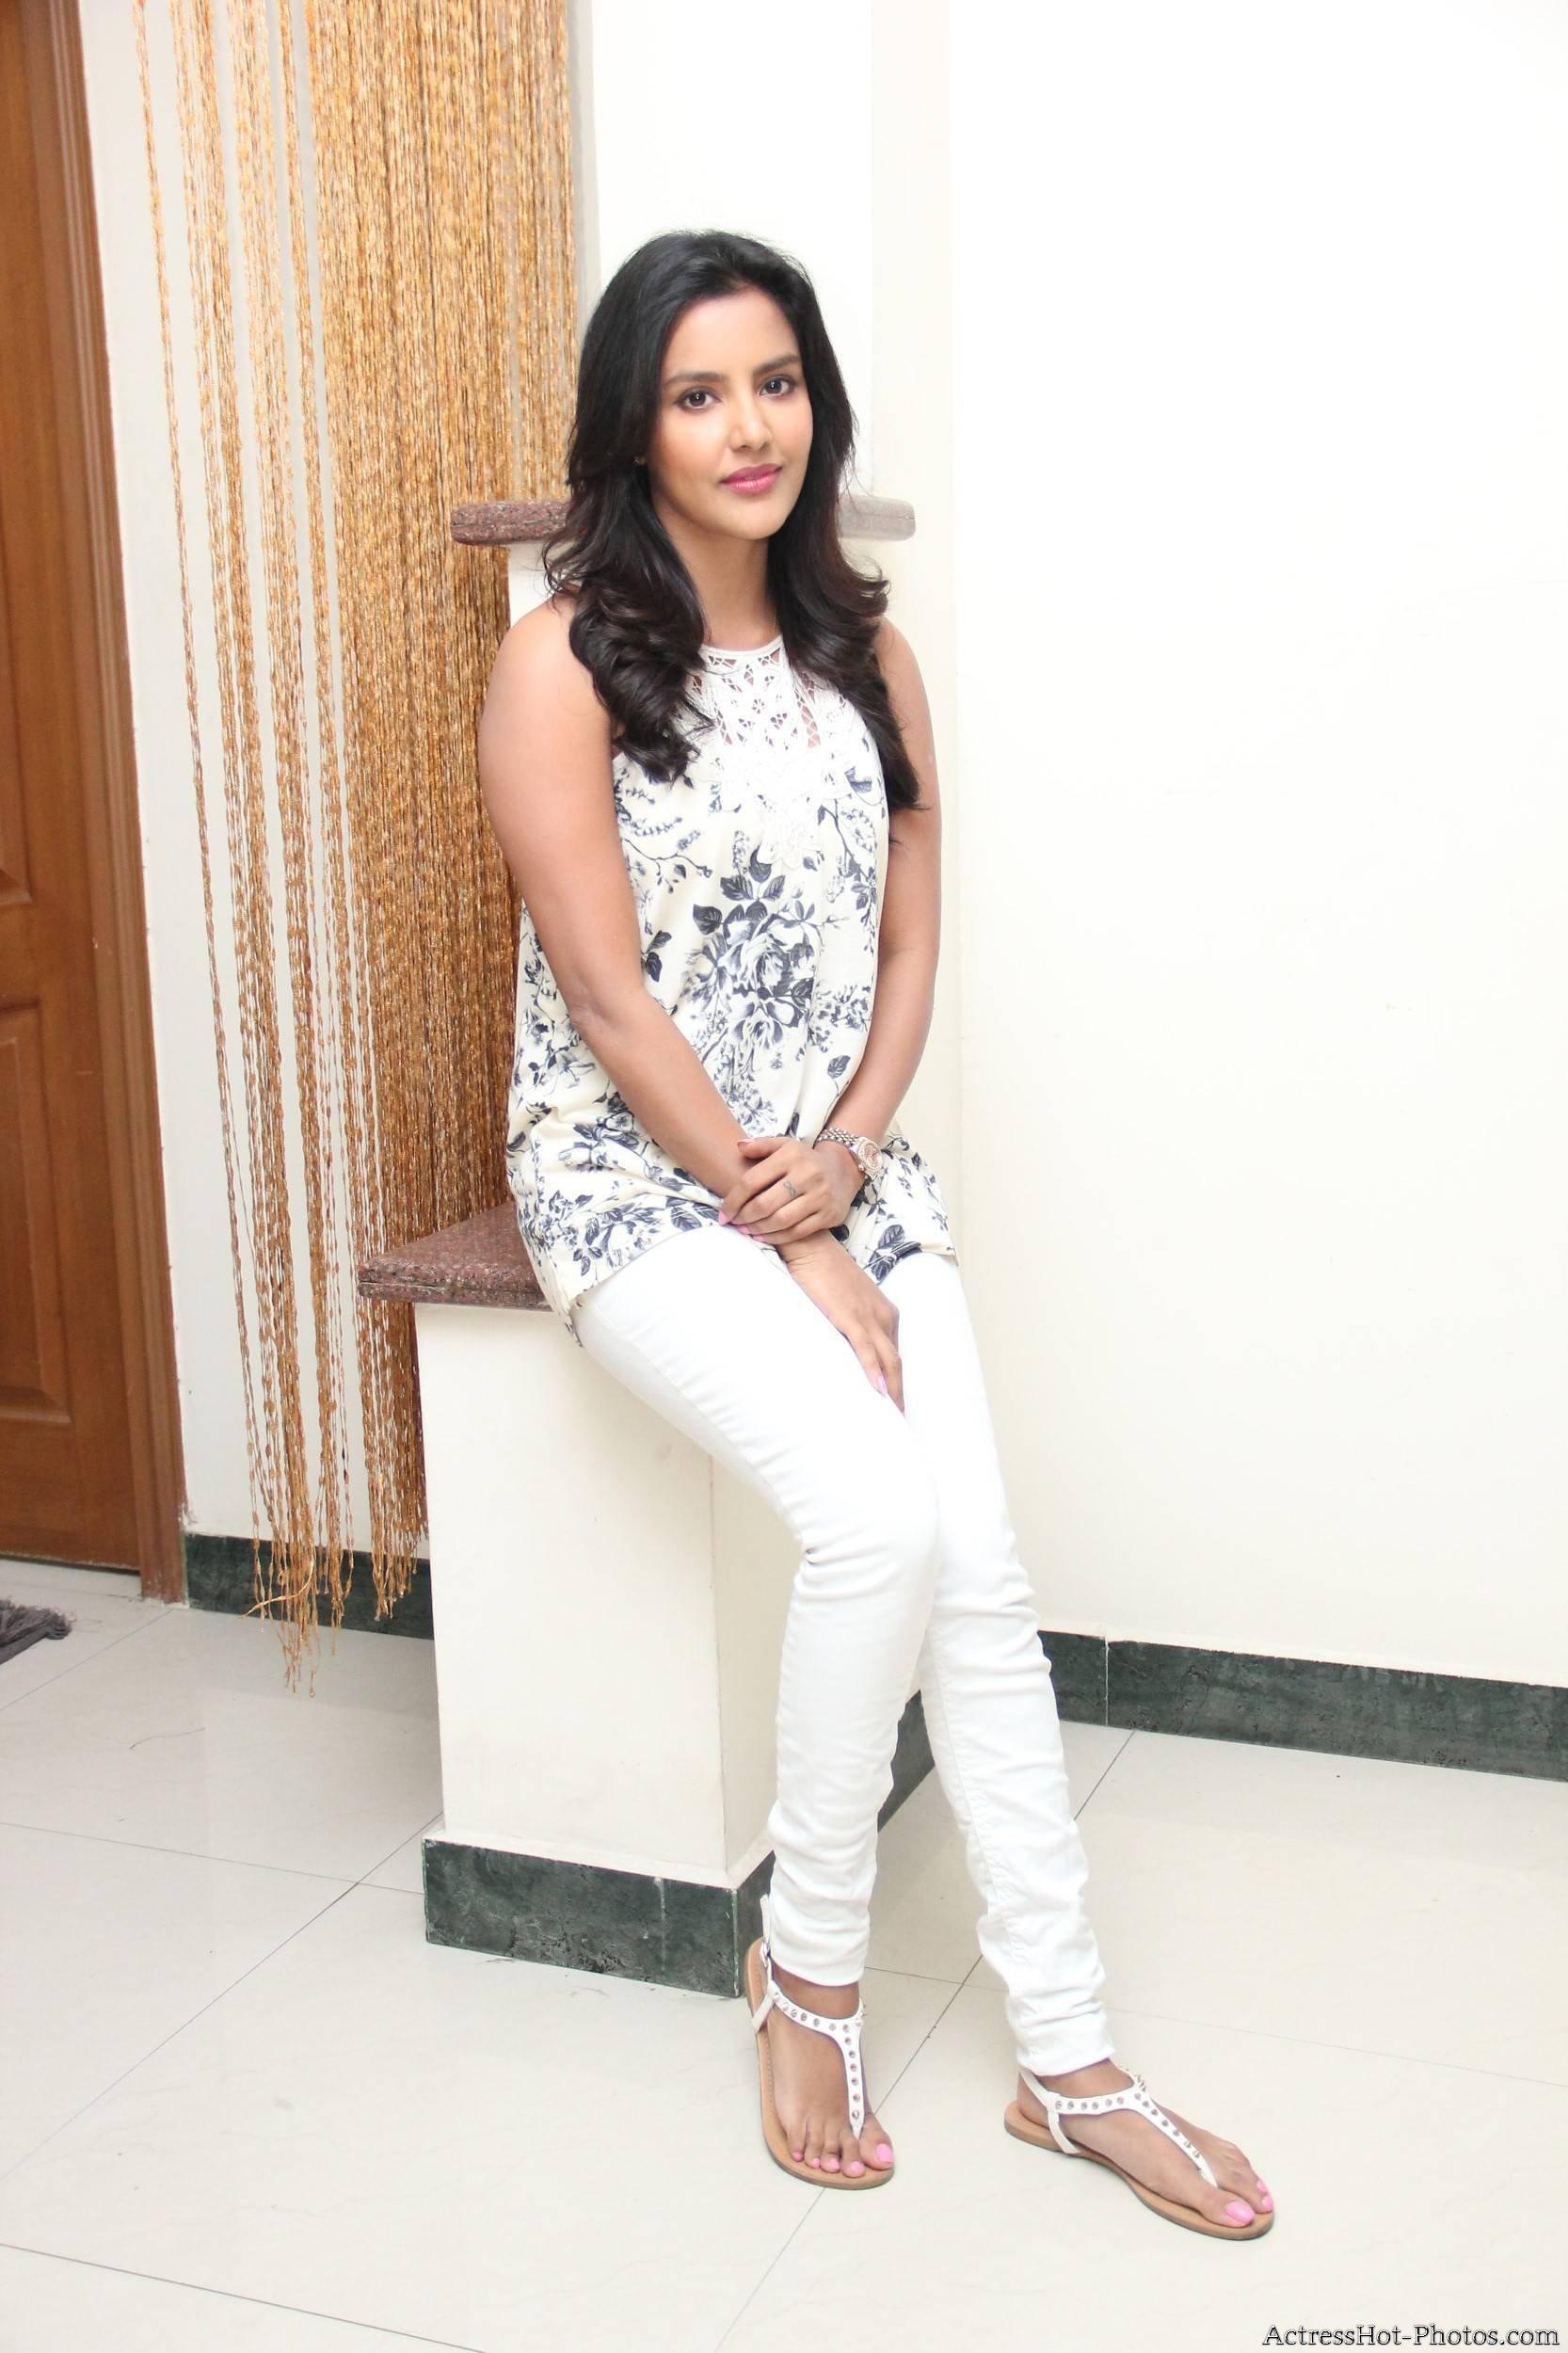 Priya feet